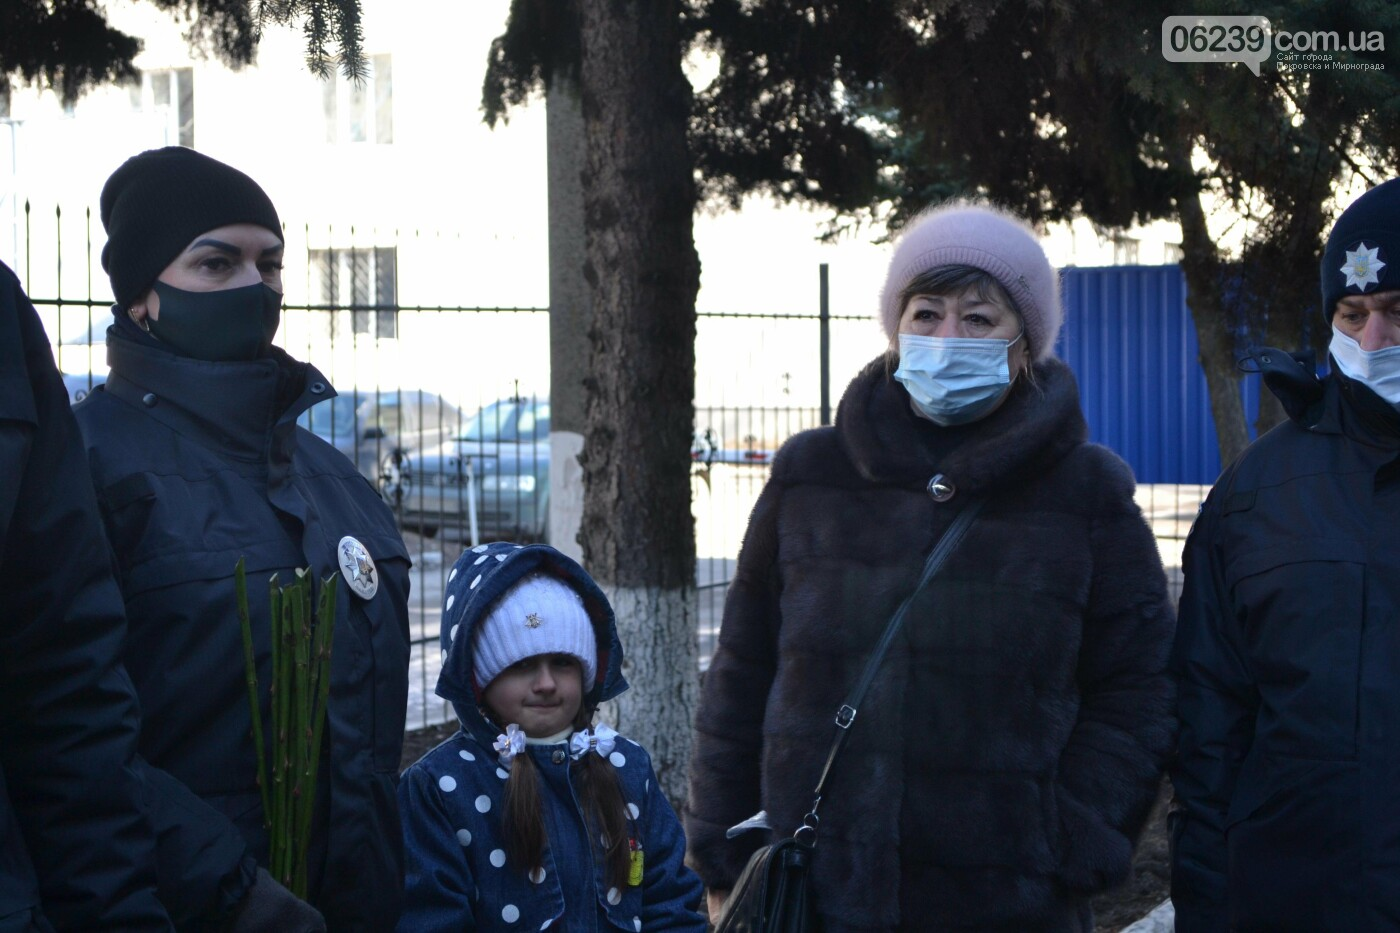 В Покровске почтили память погибшего от рук террористов спецназовца Виталия Мандрыка, фото-3